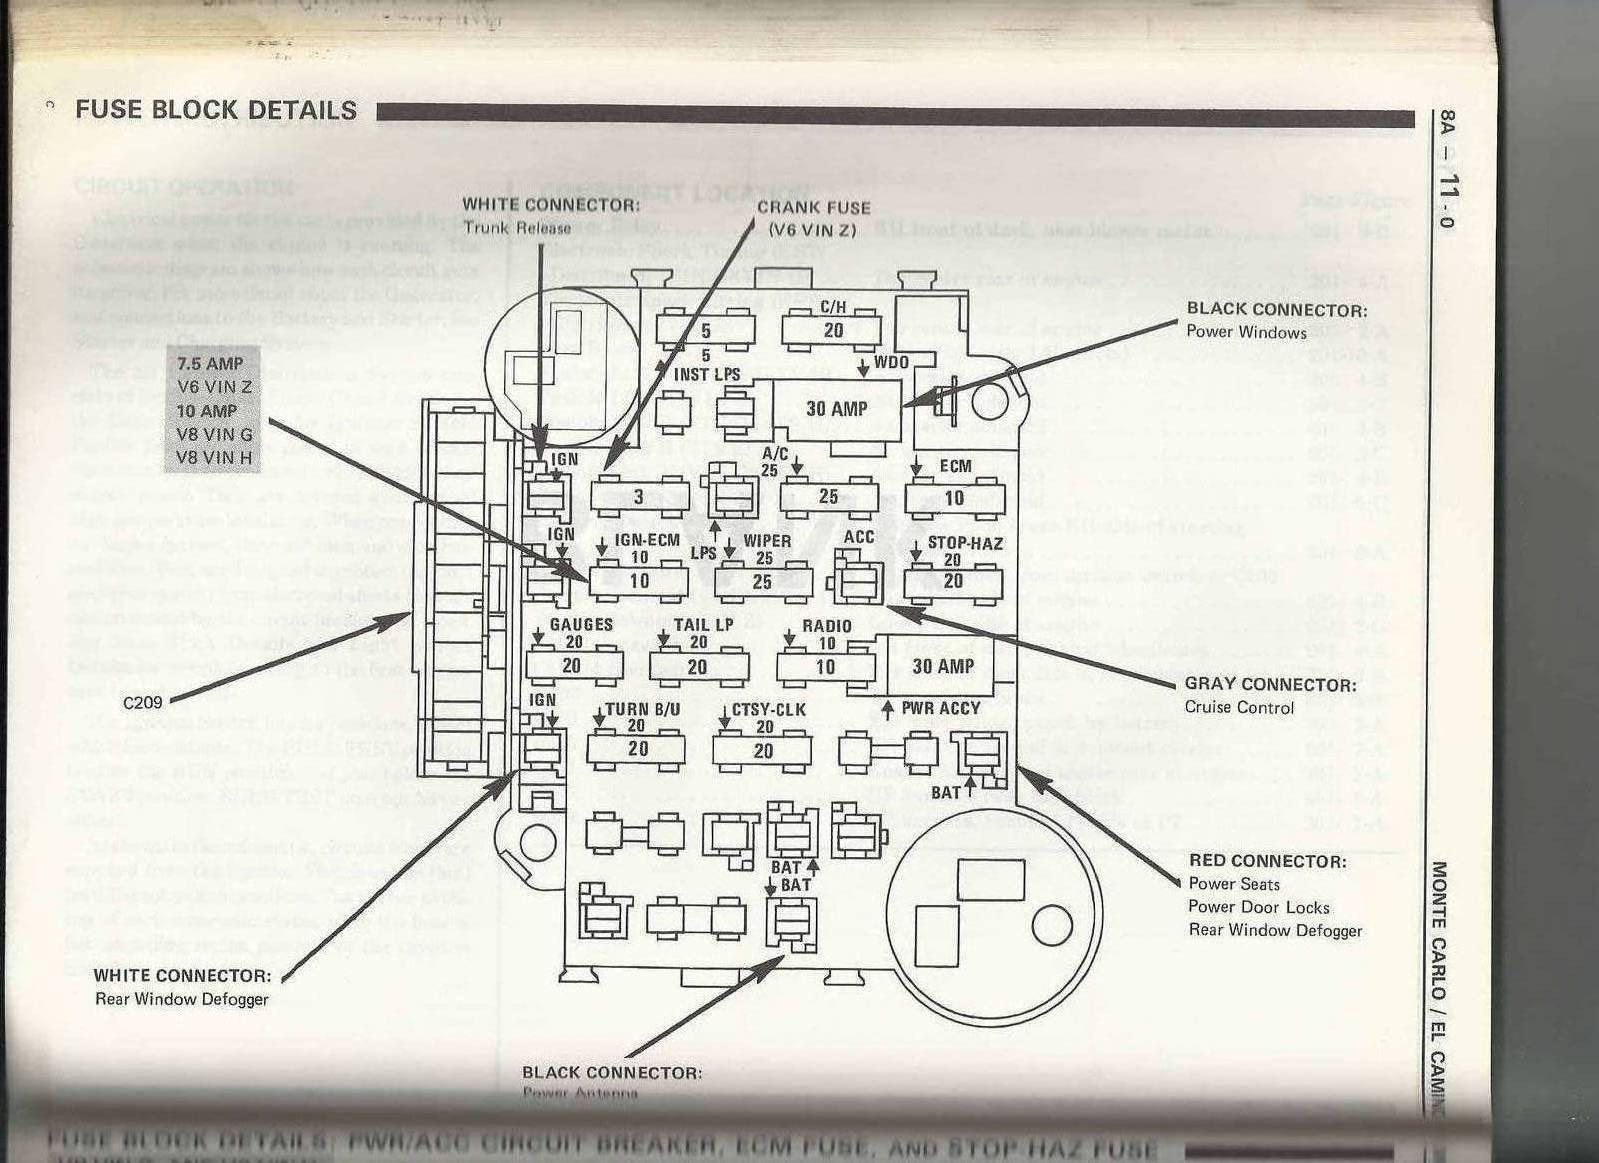 el camino wiring diagram 1977 el camino fuse box wiring diagram e6 1970 el camino wiring diagram 1977 el camino fuse box wiring diagram e6